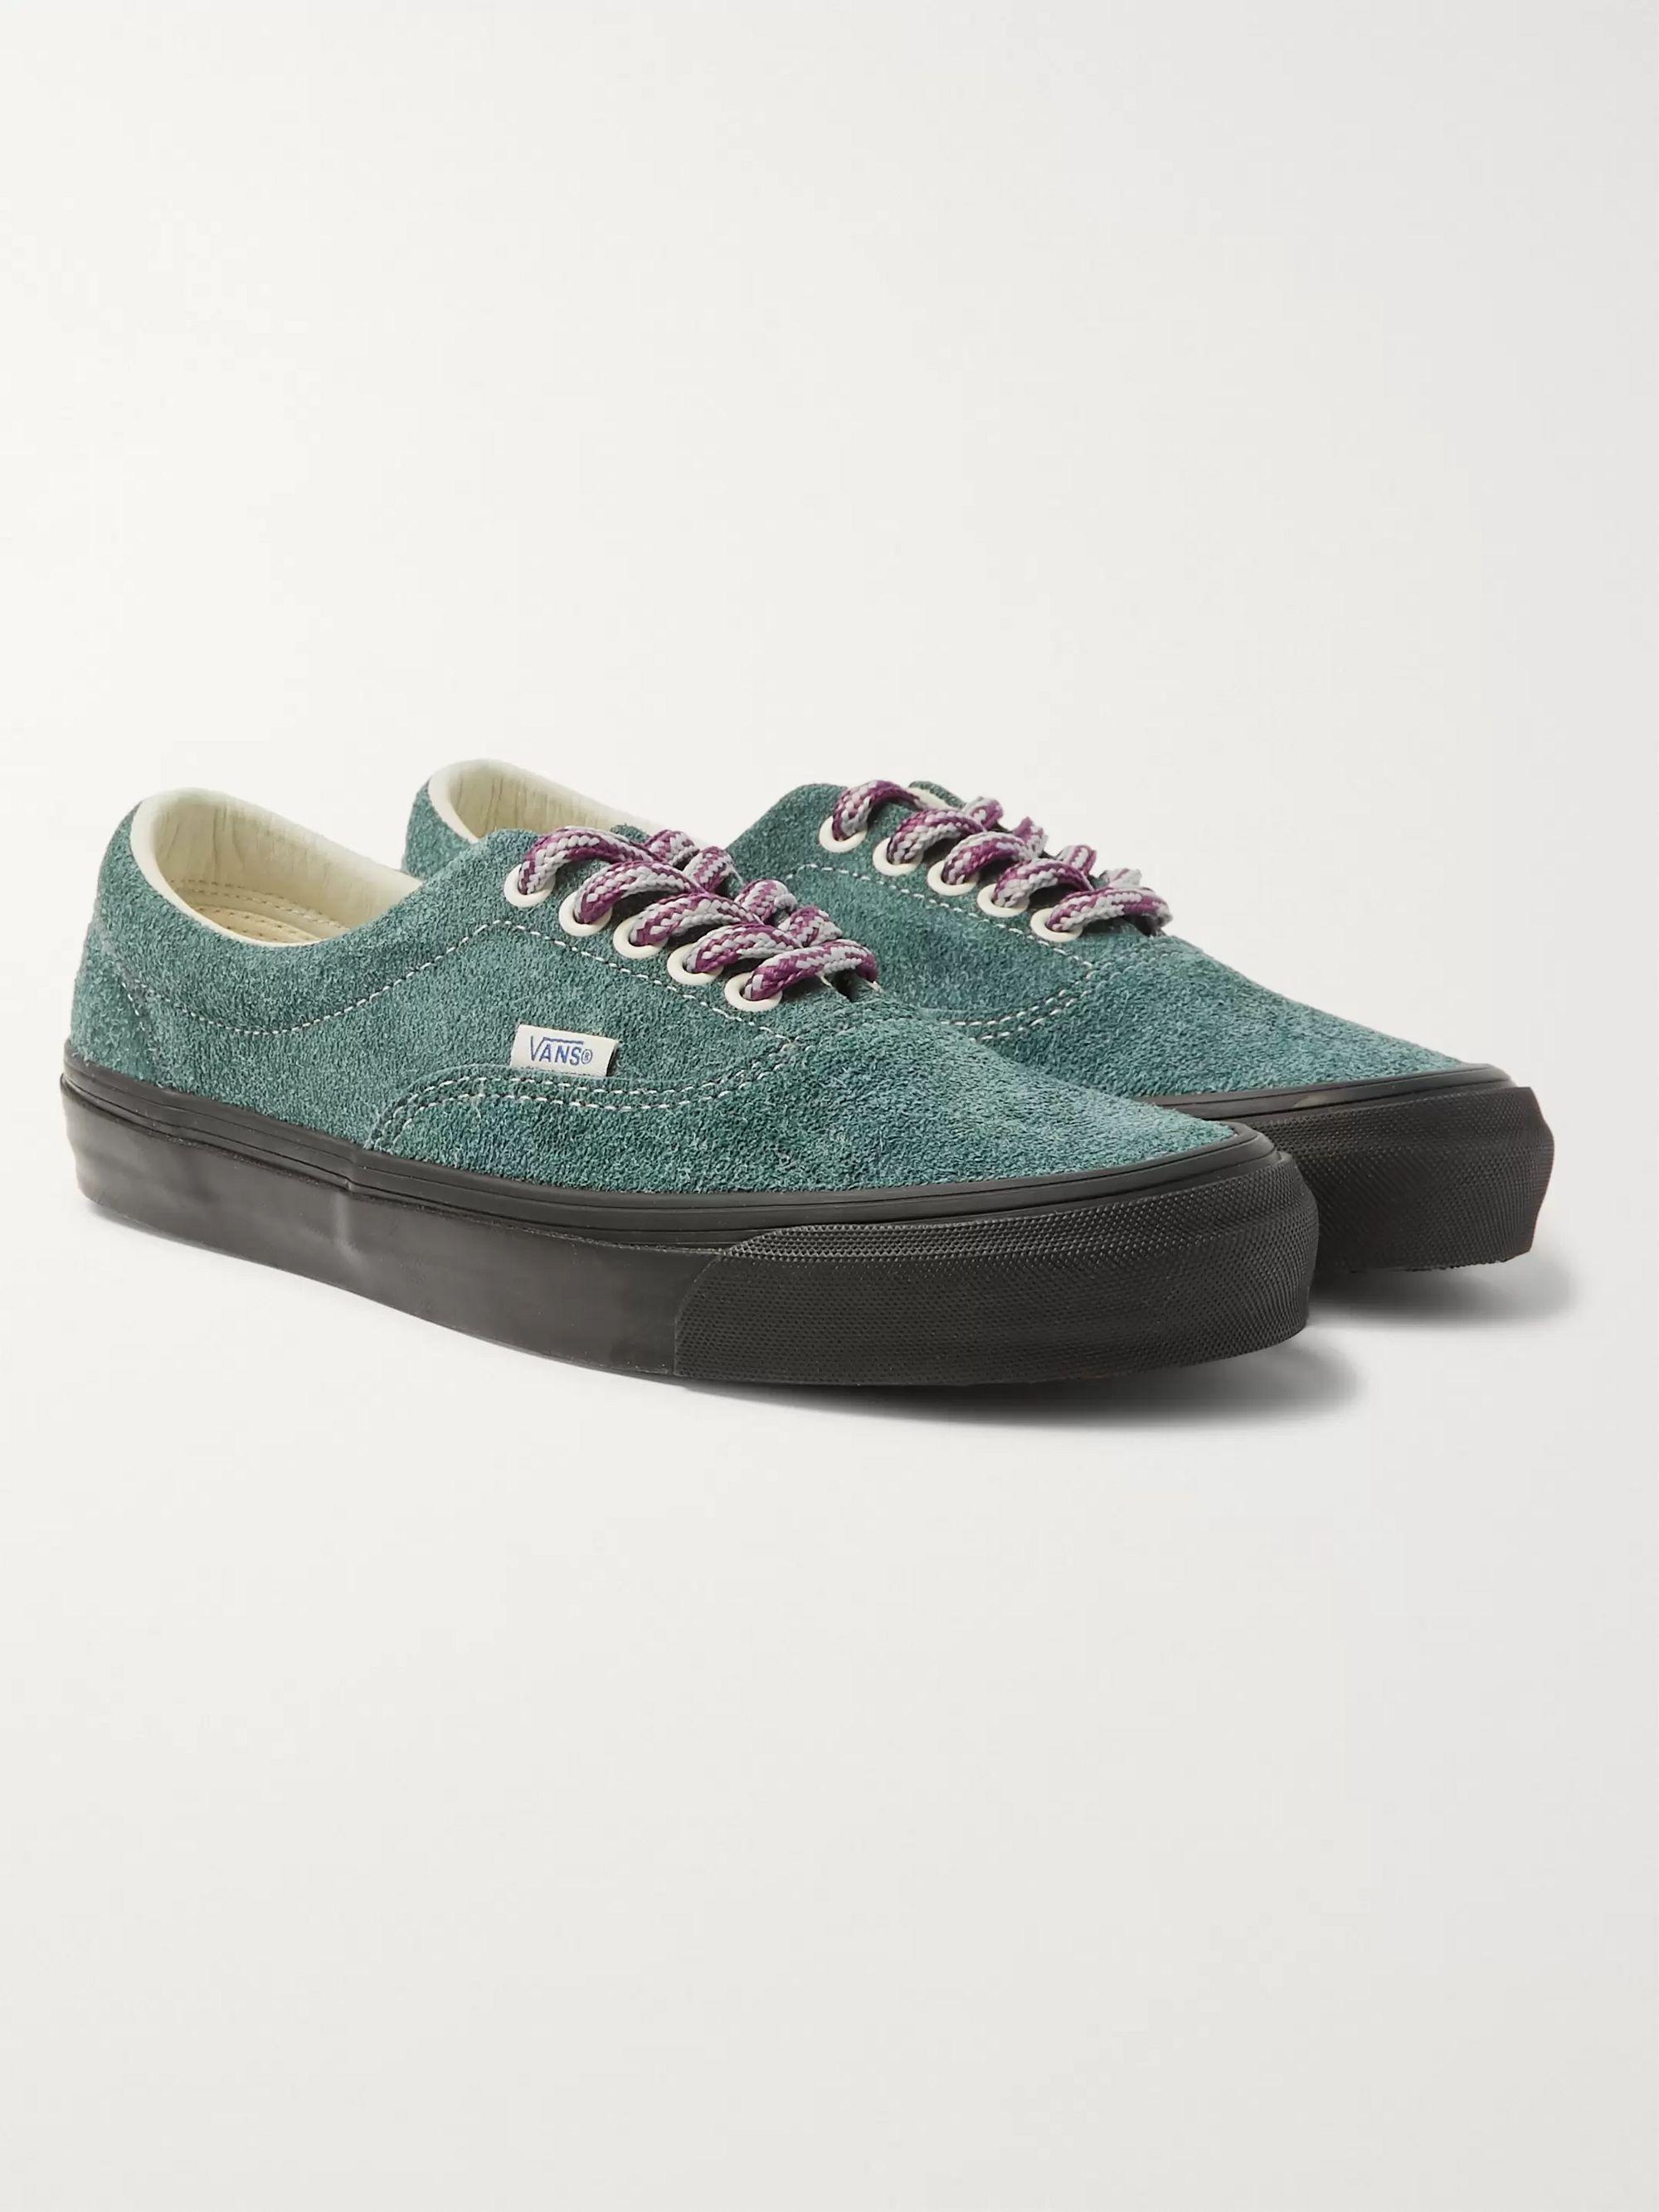 UA OG Era LX Brushed Suede Sneakers